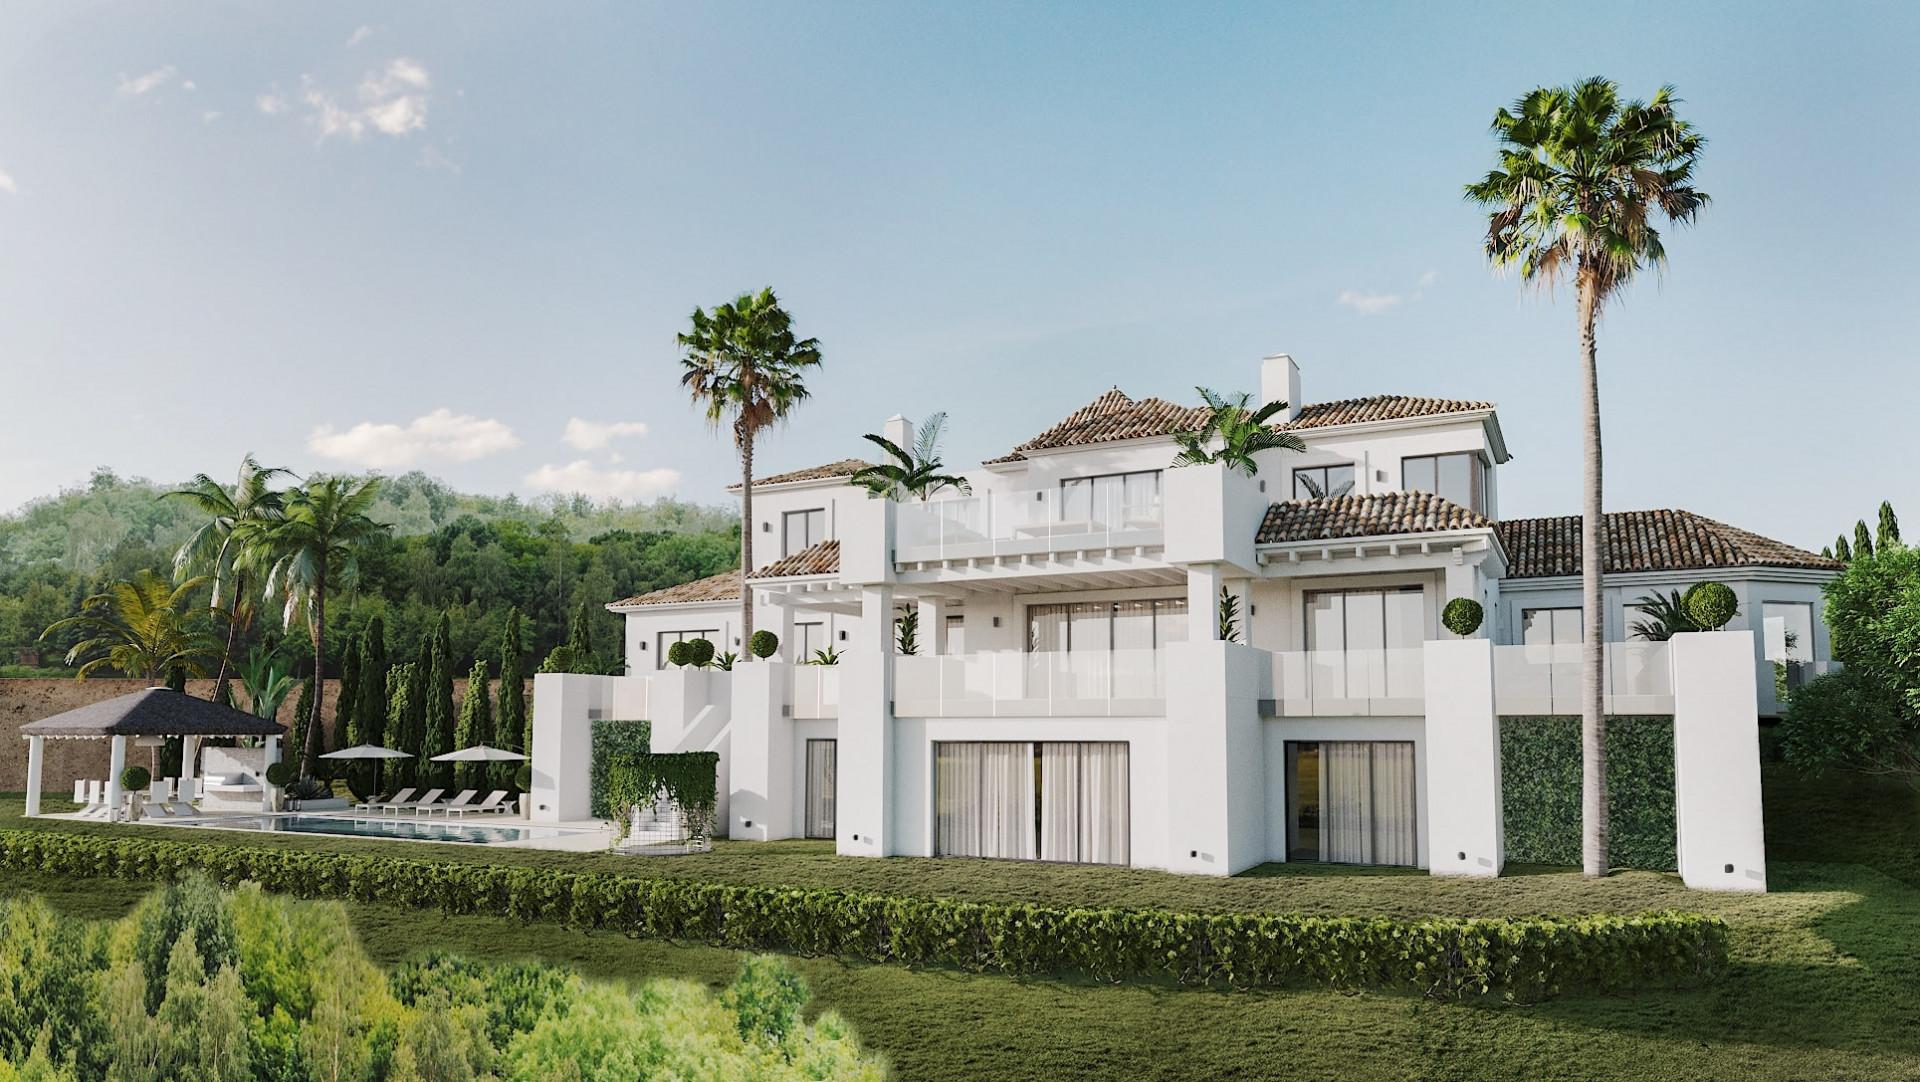 Luxury mansion for sale in La Zagaleta - Benahavis